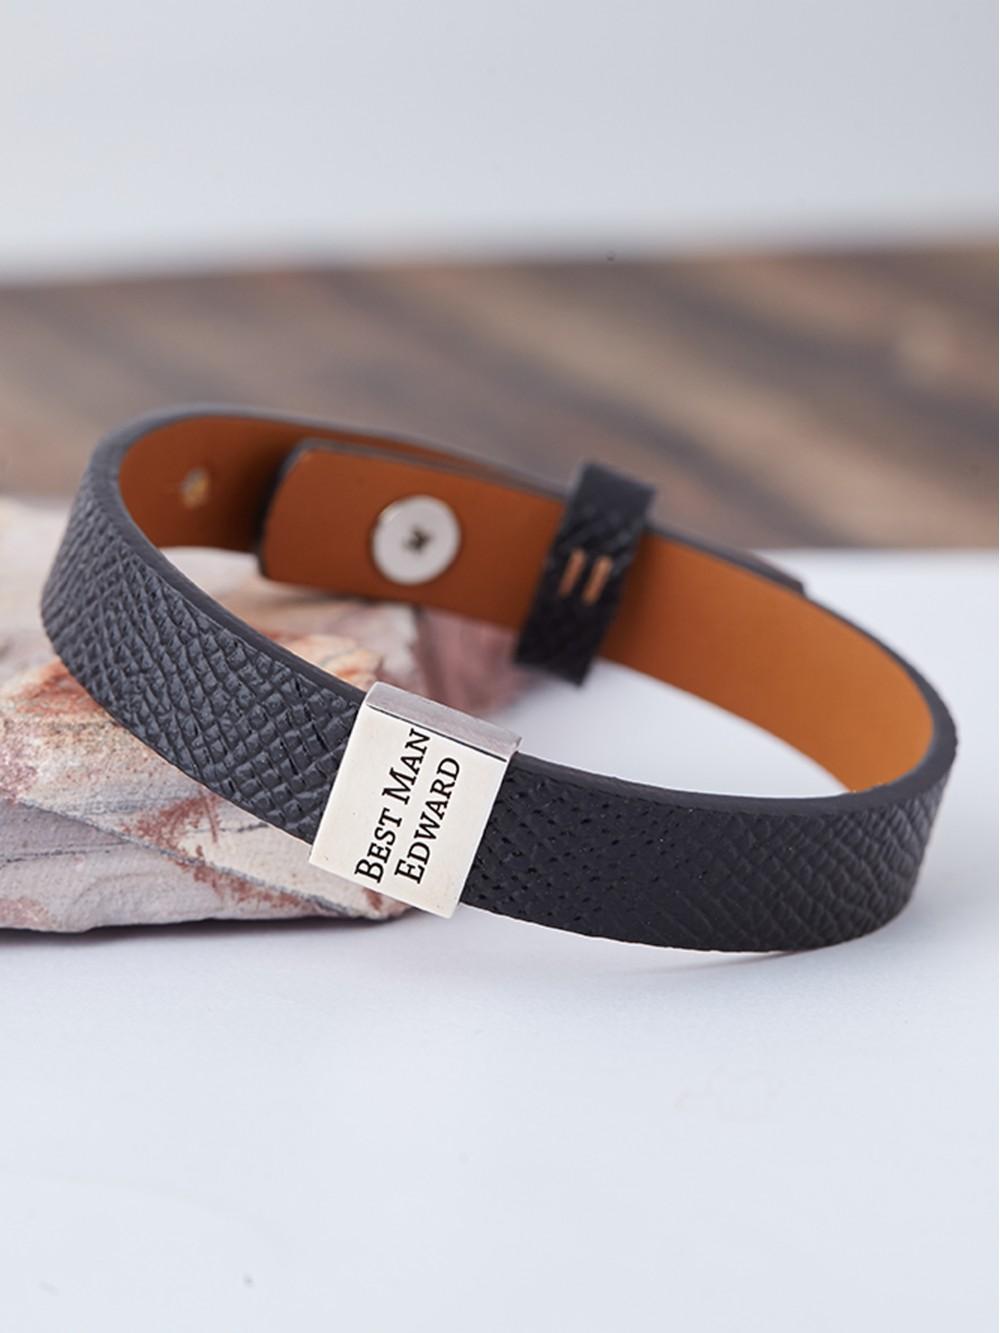 Men's Wedding Gift for Groomsmen - Leather Bracelet